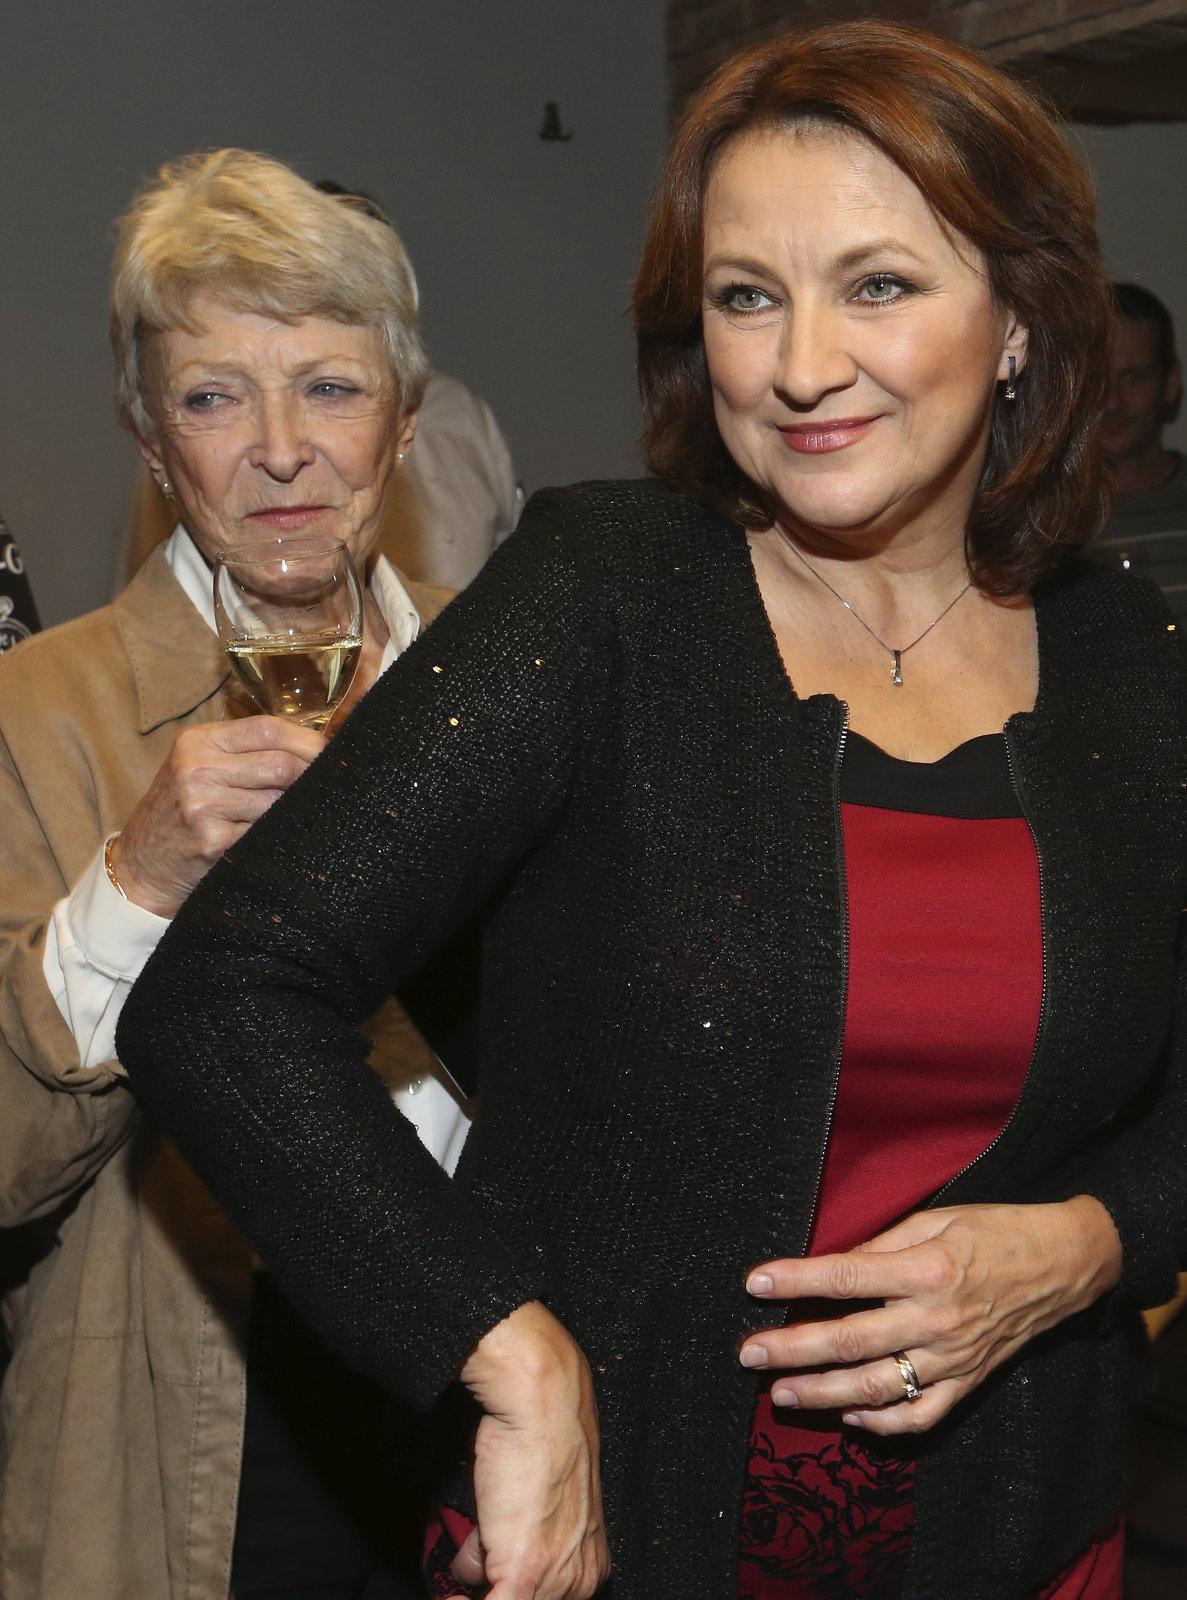 O dobré víno a muziku neměly Jana Štěpánková a Zlata Adamovská ten večer nouzi.